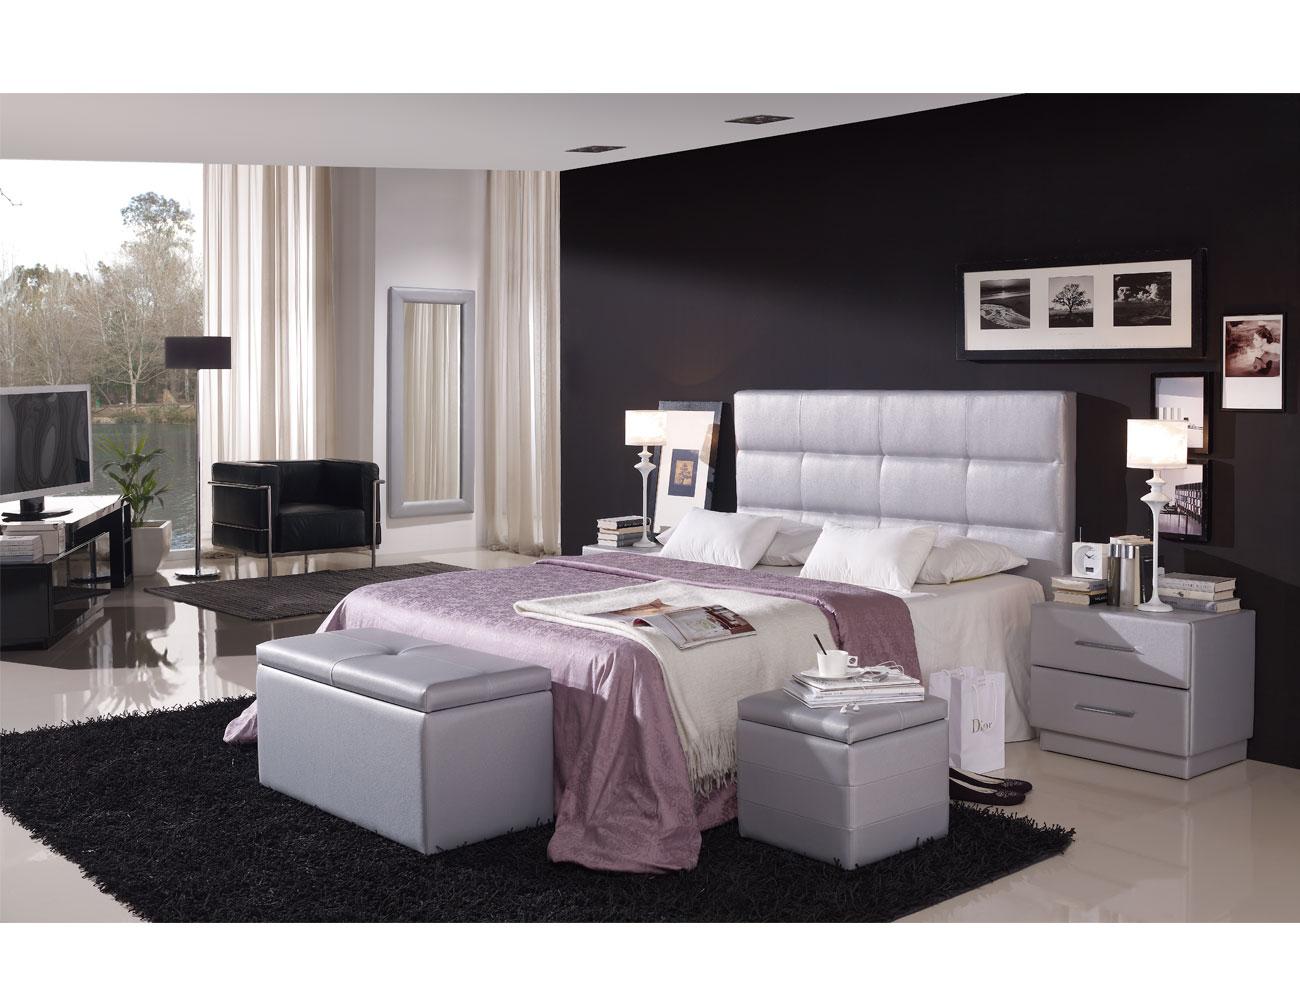 23 marco tapizado dormitorio94